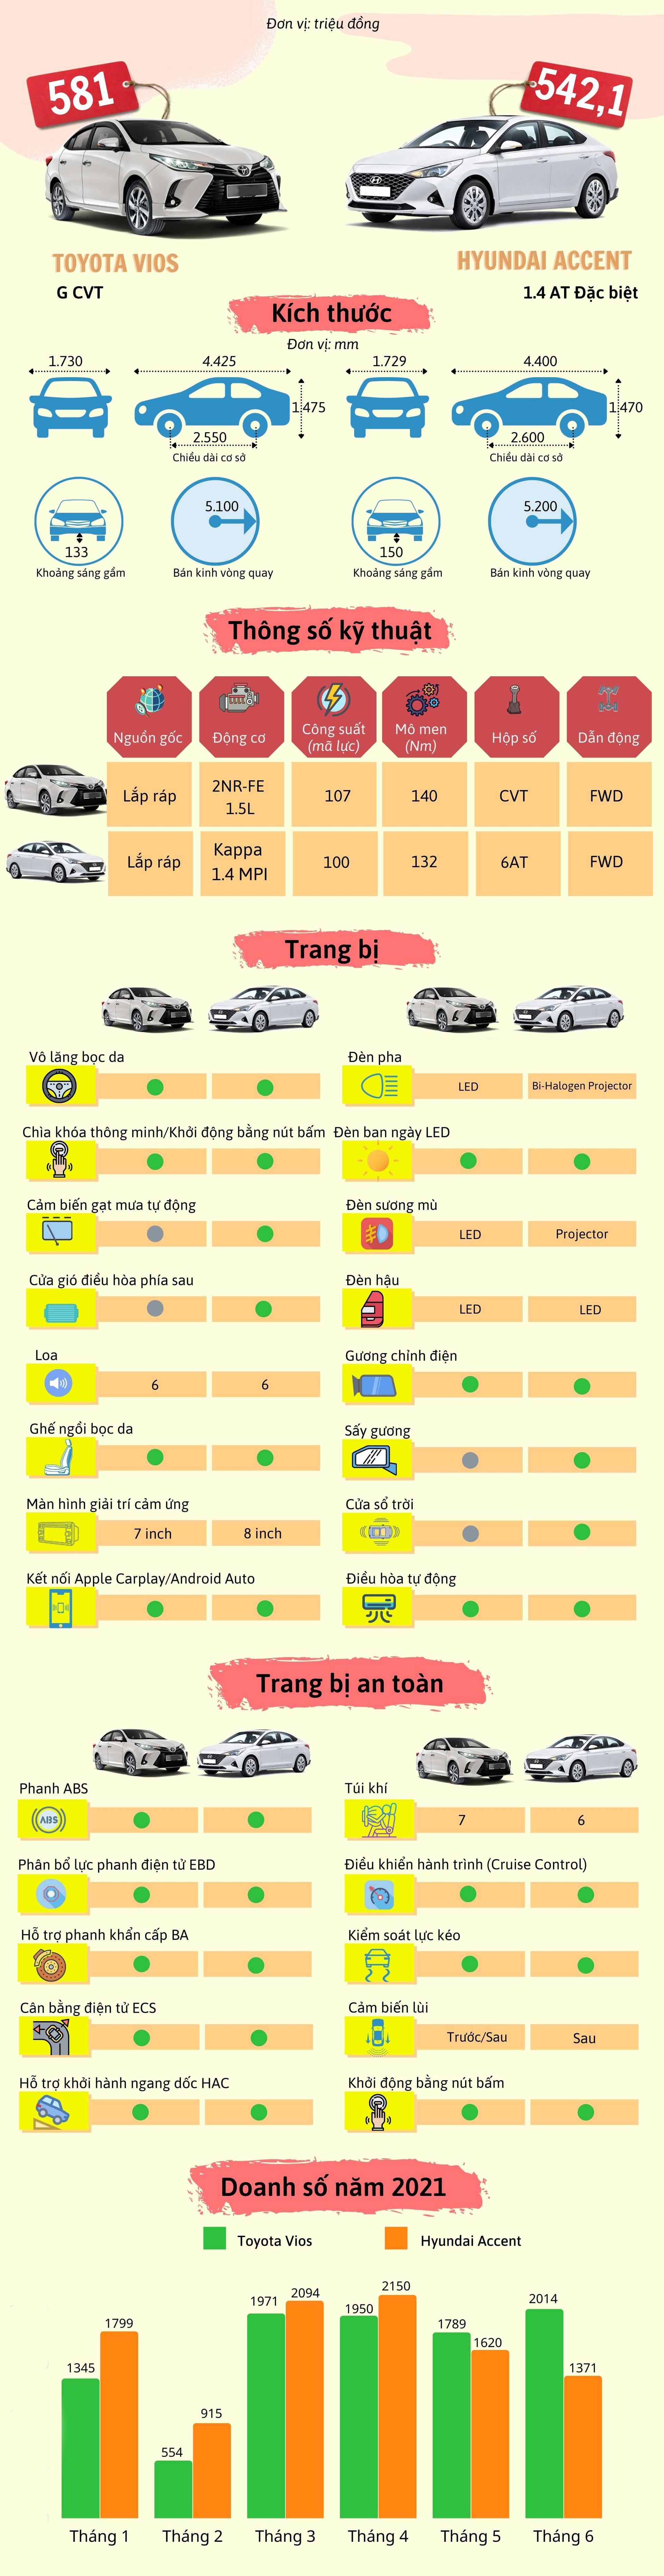 Lý giải nguyên nhân Hyundai Accent có thể vượt mặt Toyota Vios trong 6 tháng qua